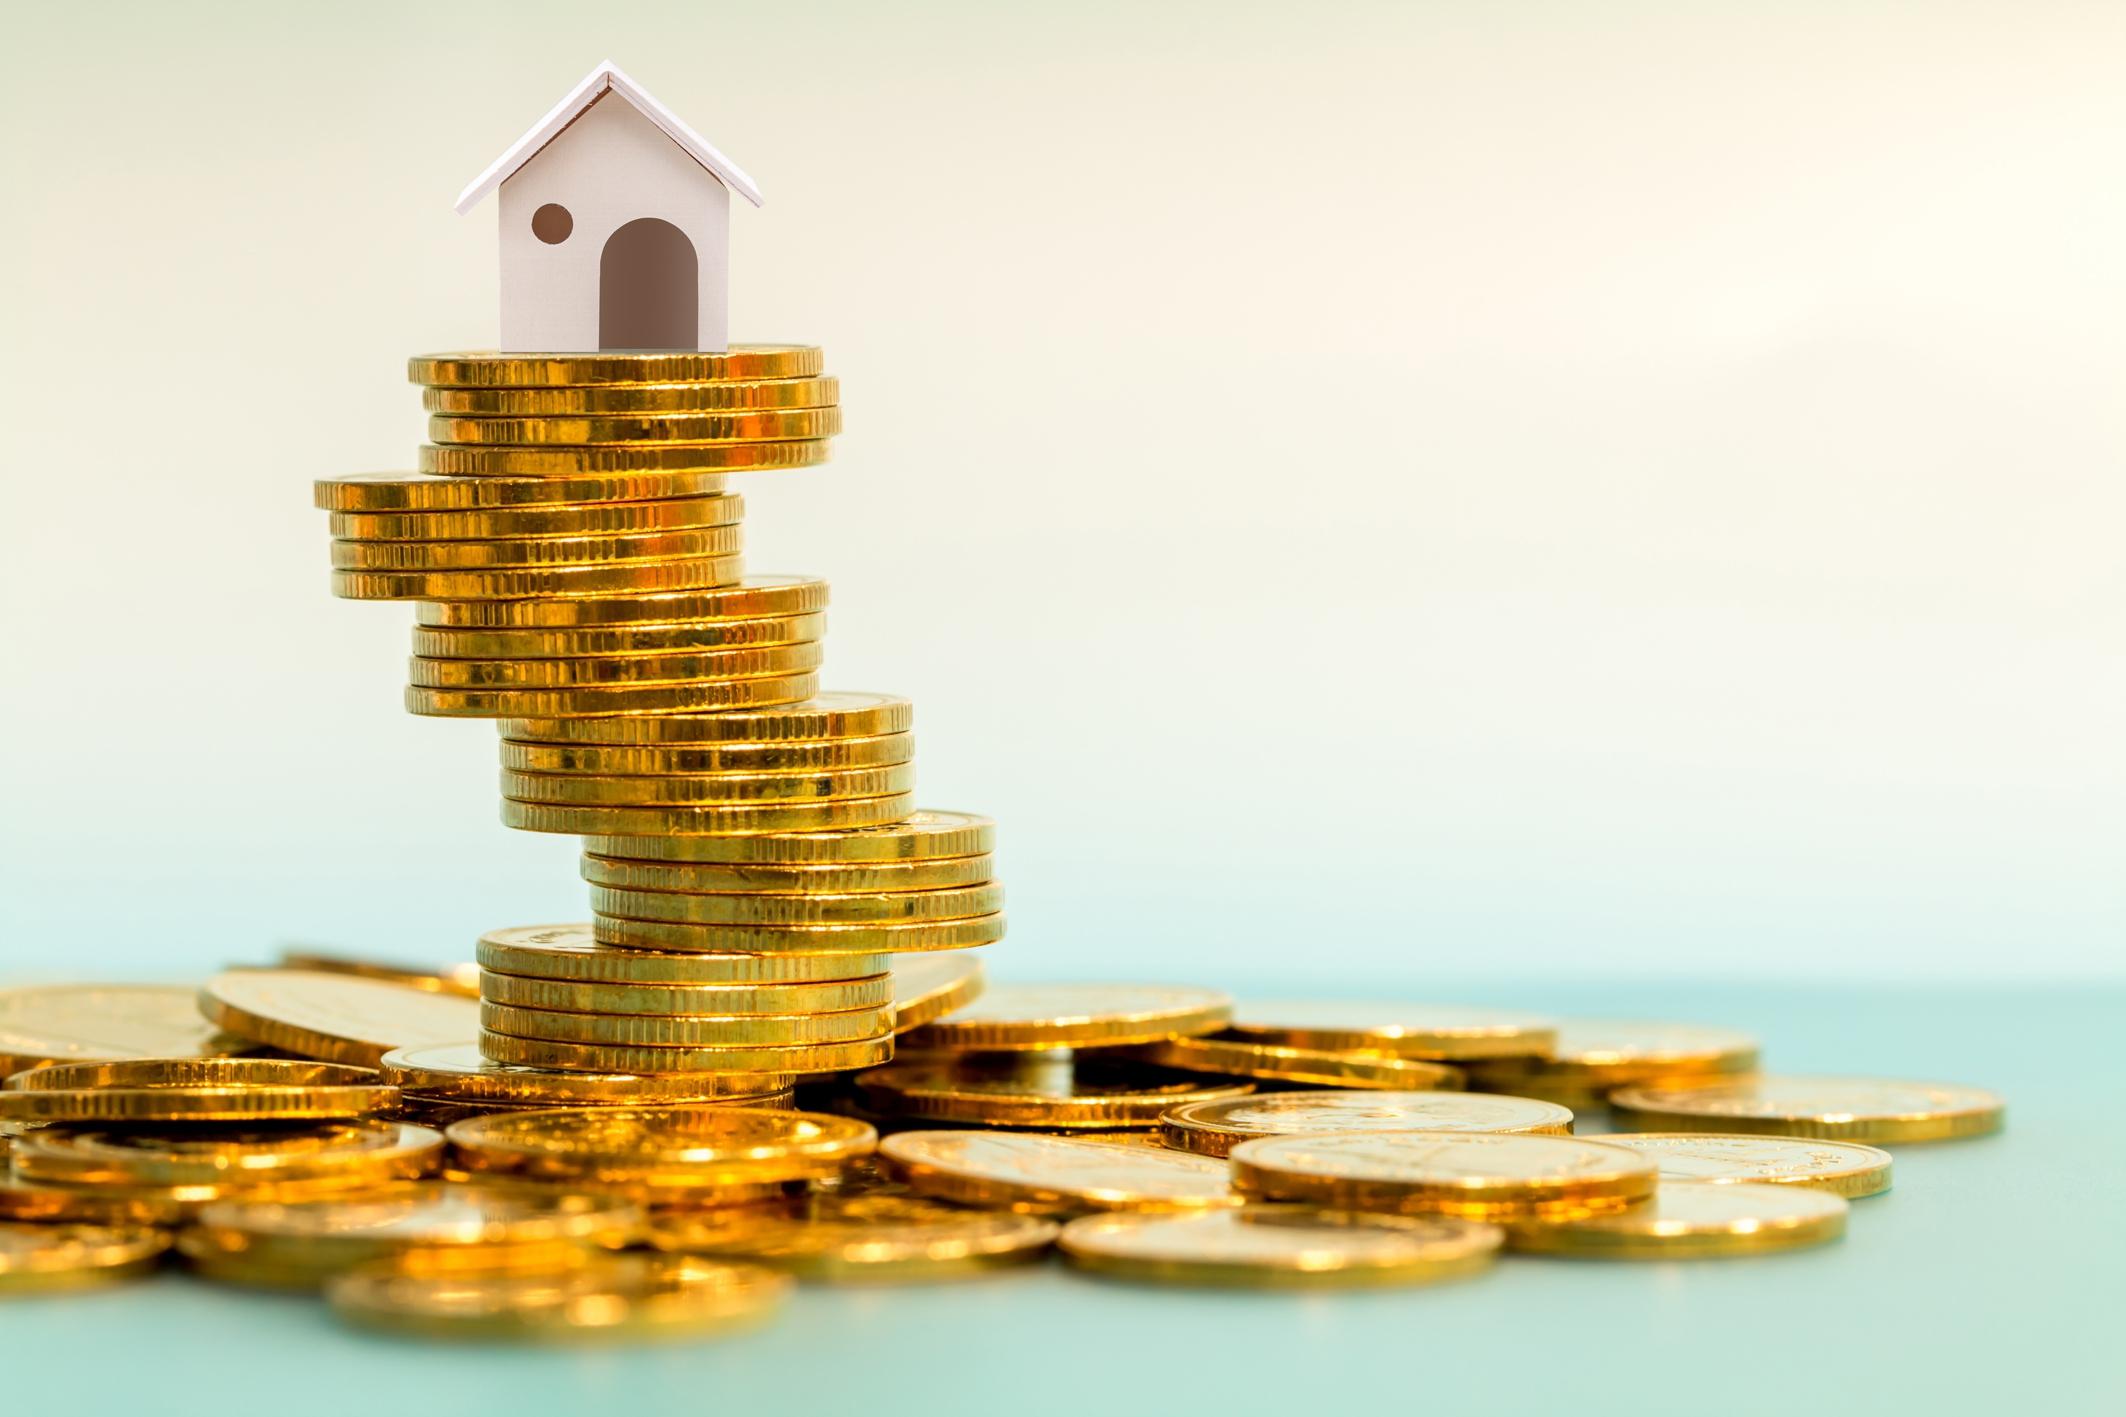 STERK VERHAAL: Christel koos ervoor om haar hypotheek binnen 10 jaar af te lossen